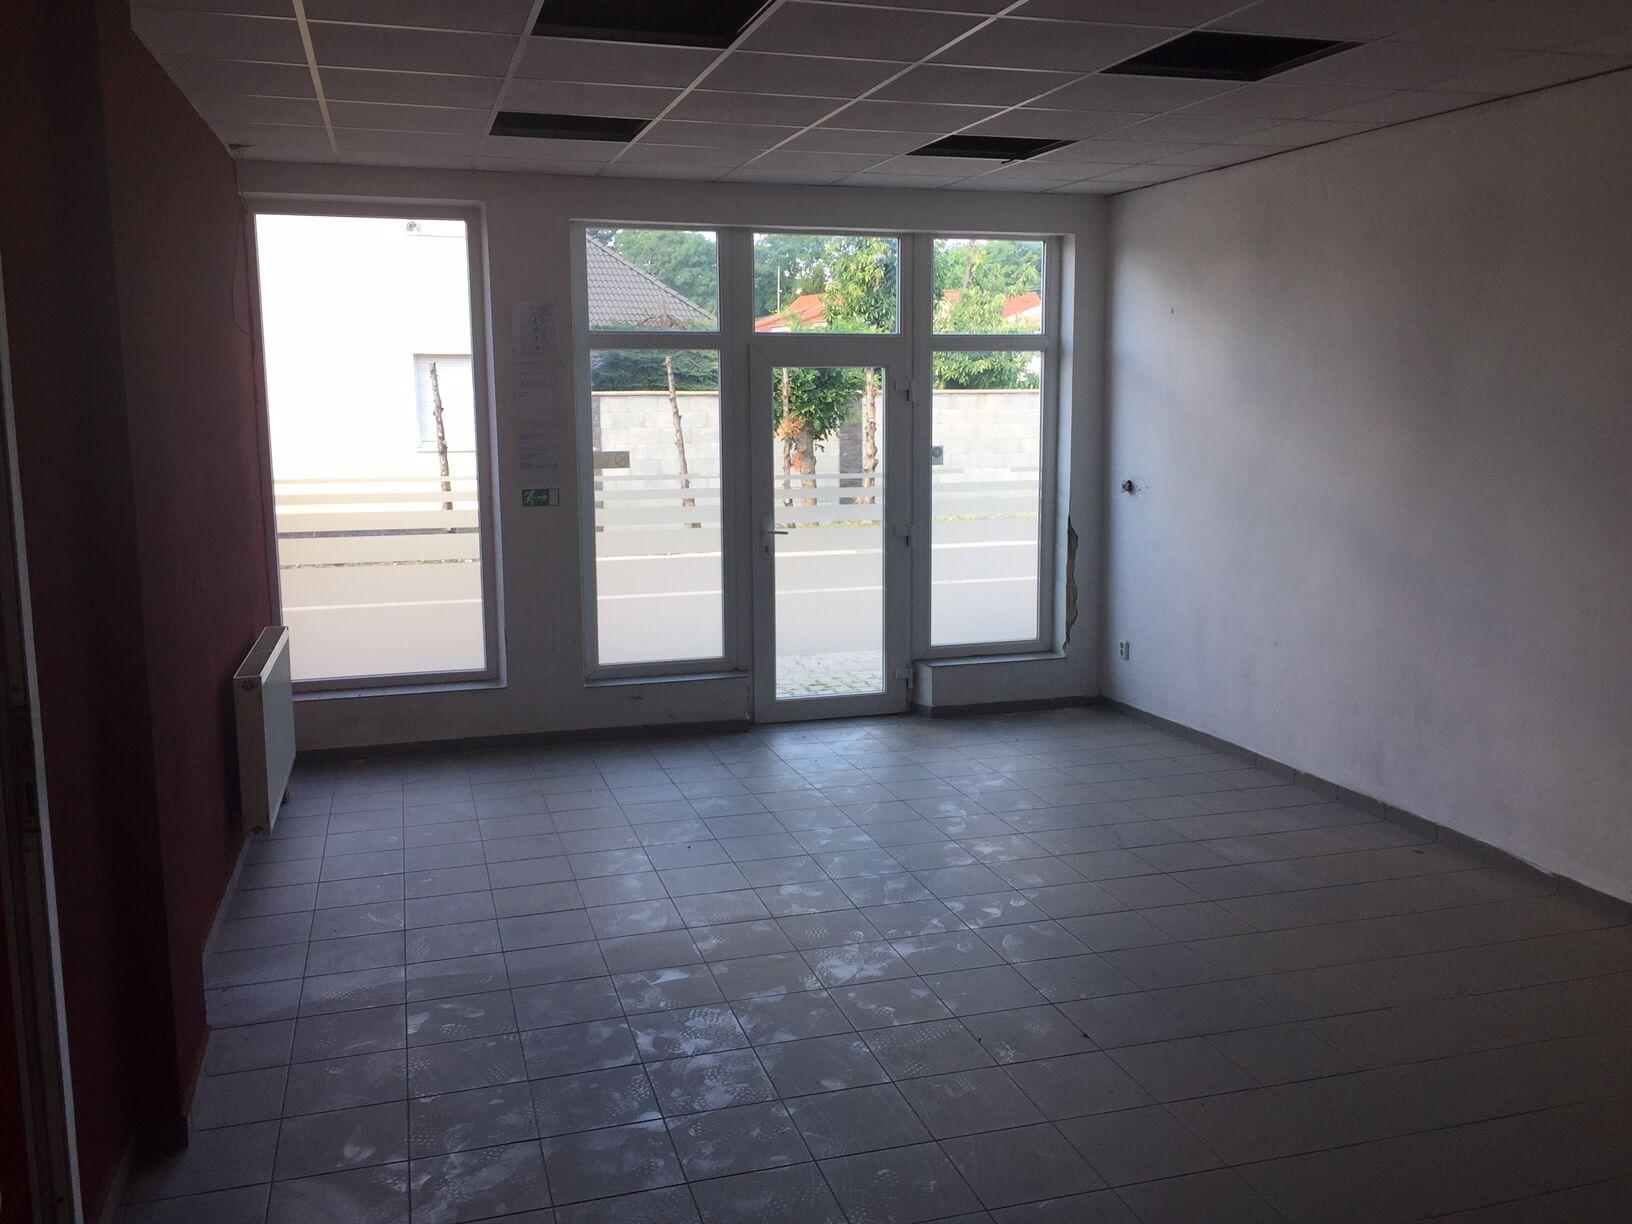 Predané: Predaj obchodného priestoru, najlepšie pre Autoservis, Pezinok, Ulica Mýtna/Šenkvická cesta. 240 m2-12